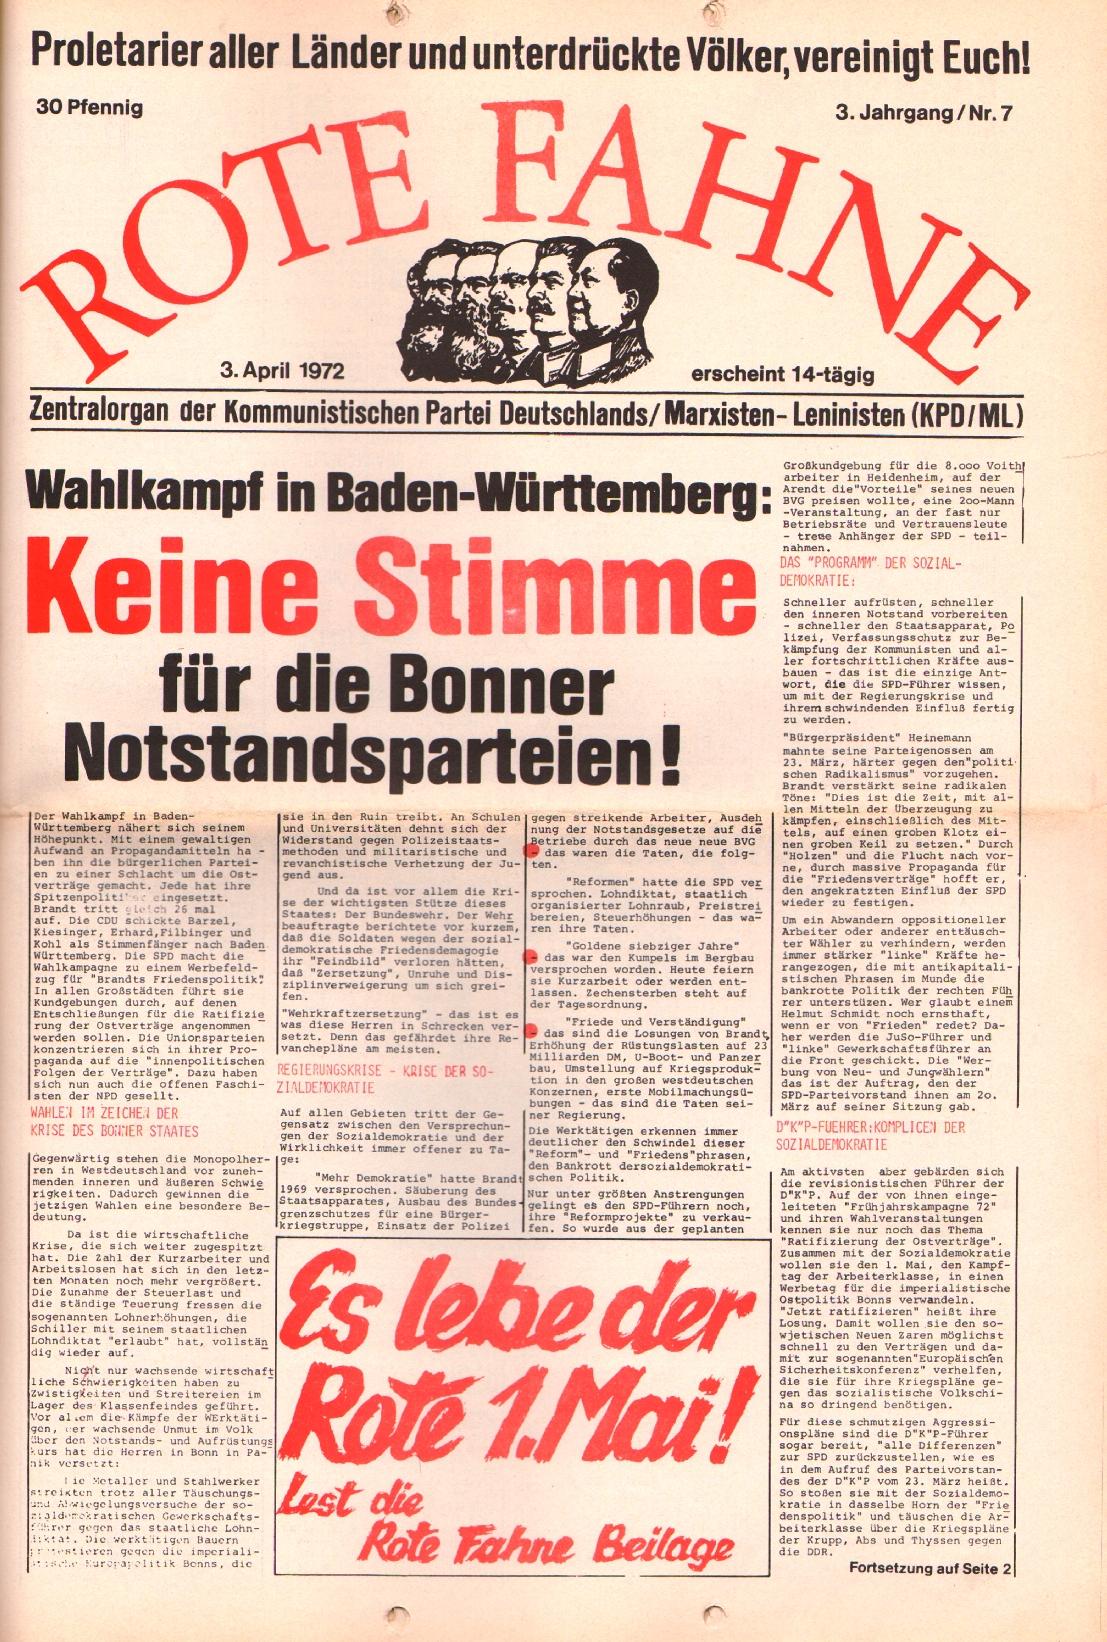 Rote Fahne, 3. Jg., 3.4.1972, Nr. 7, Seite 1